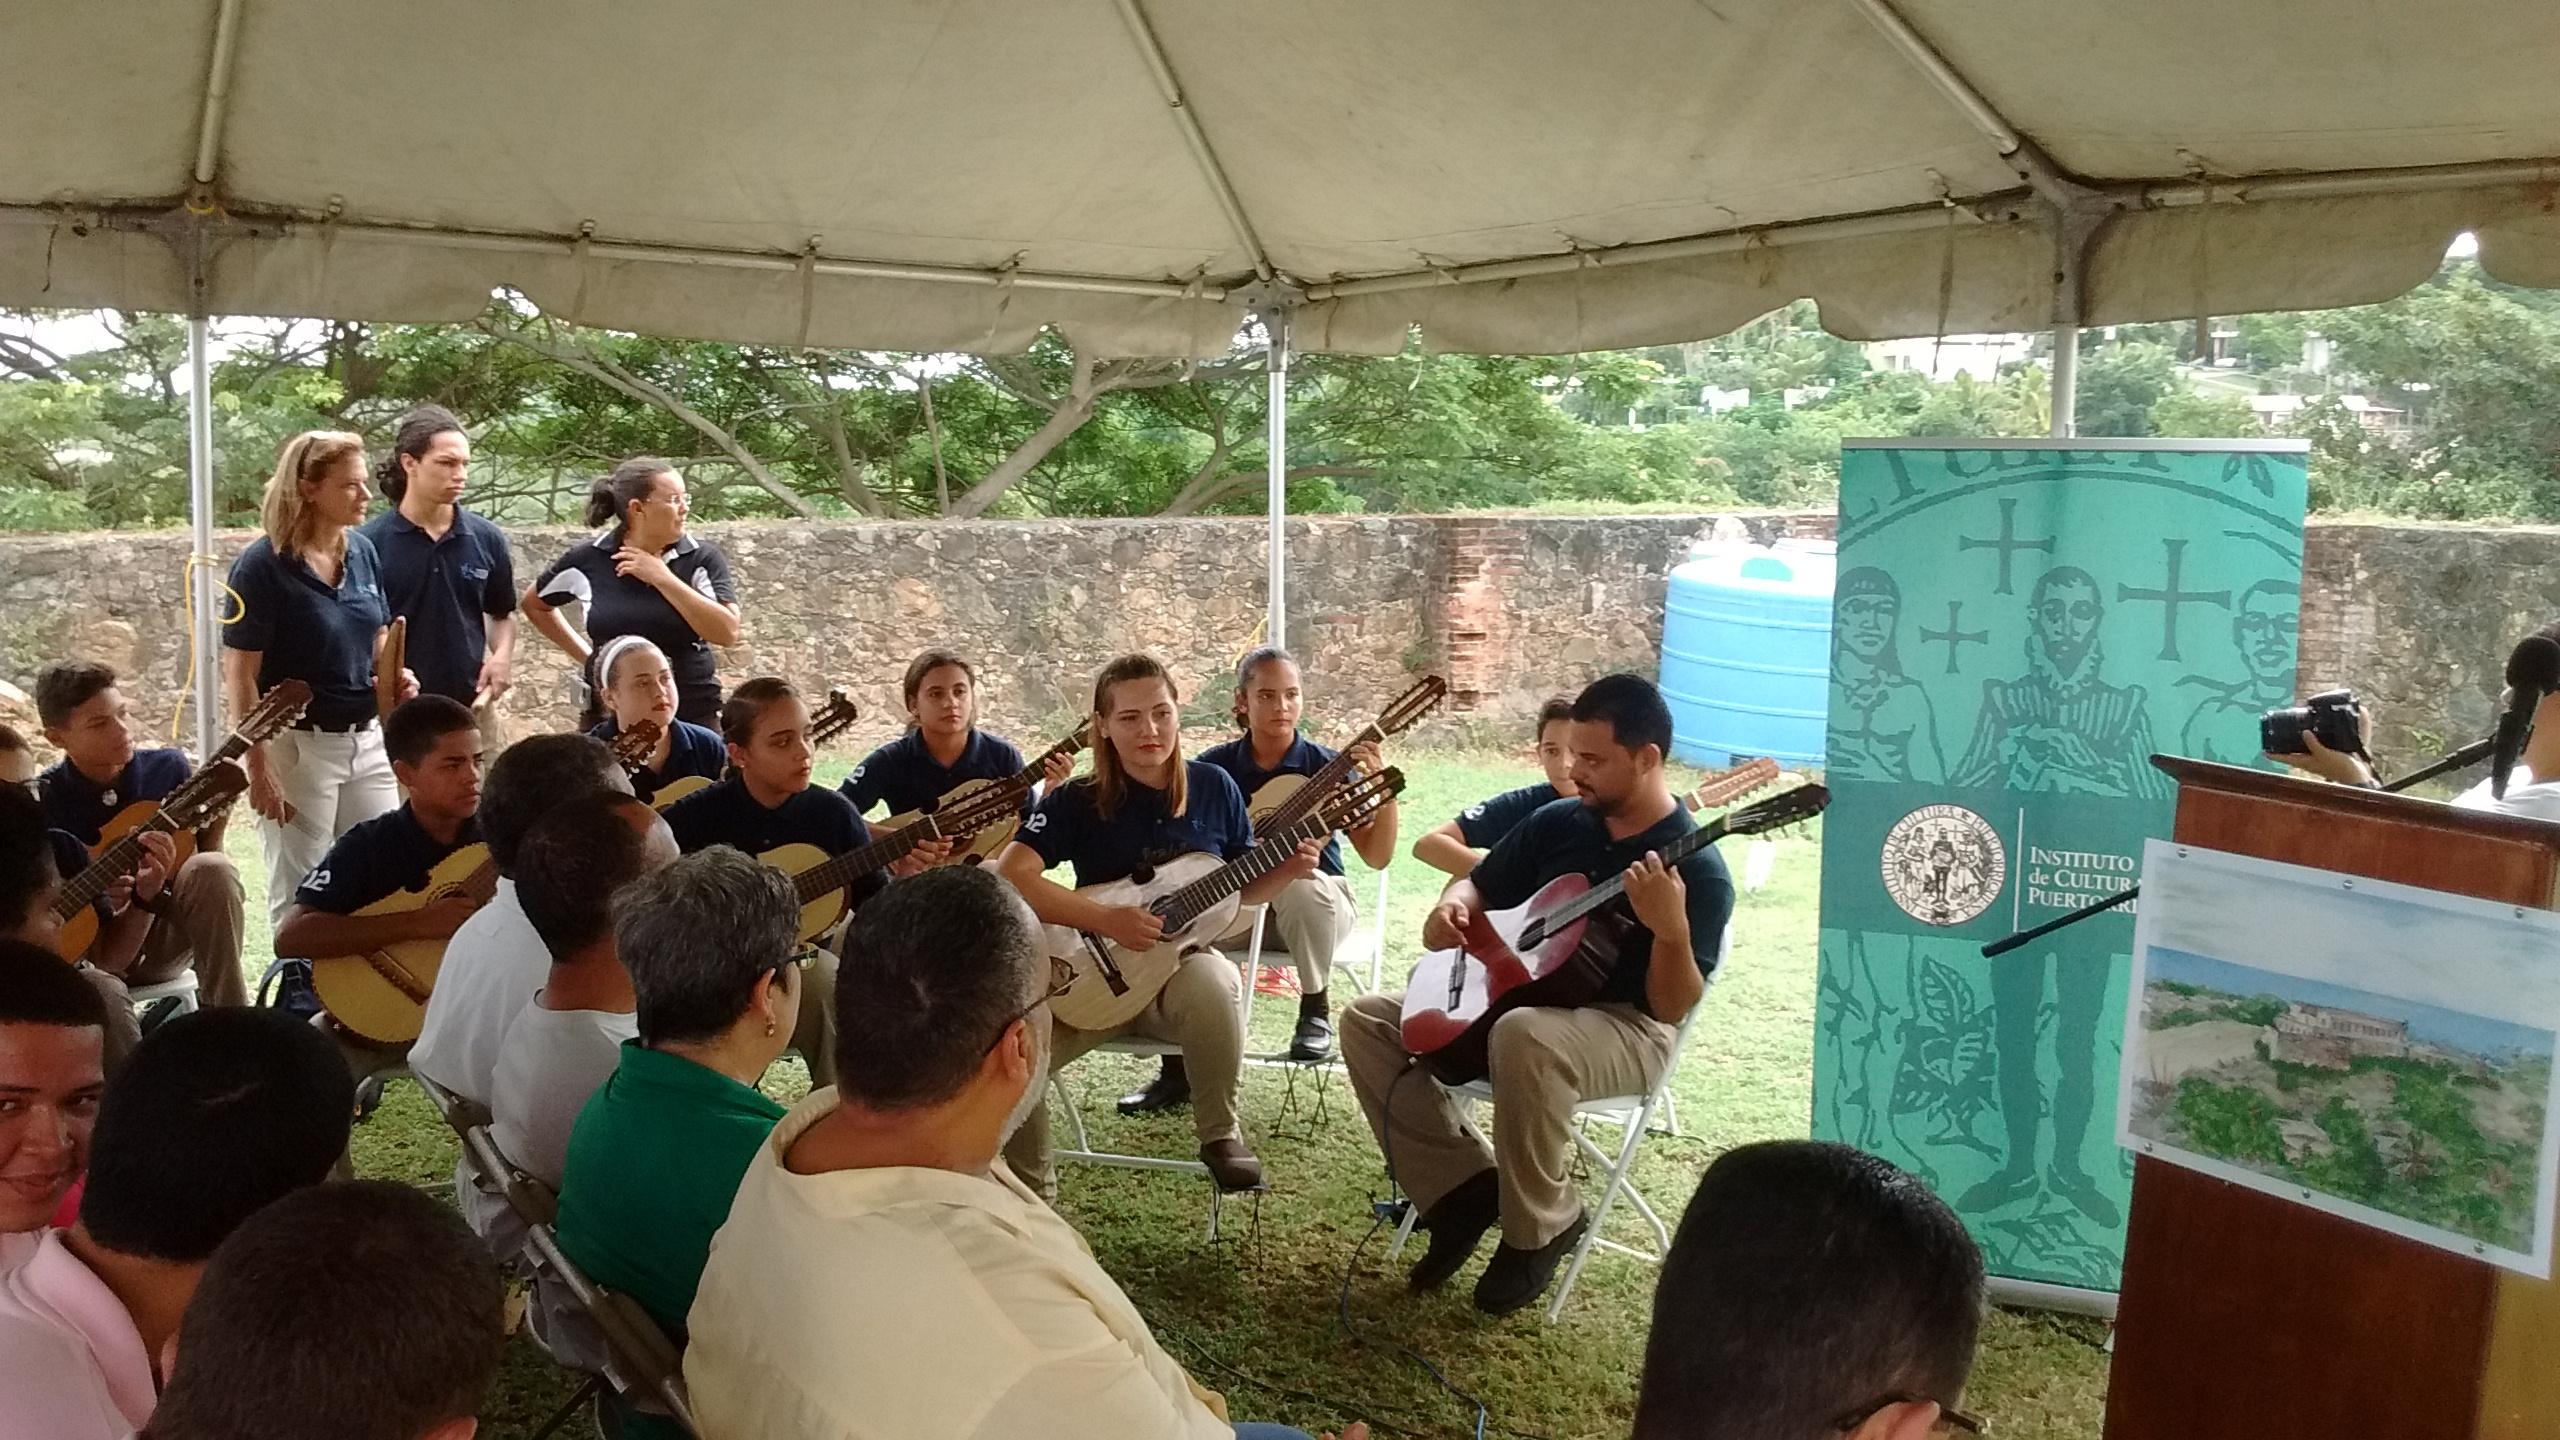 La Rondalla de Vieques amenizó la actividad comunitaria. (Foto suministrada)